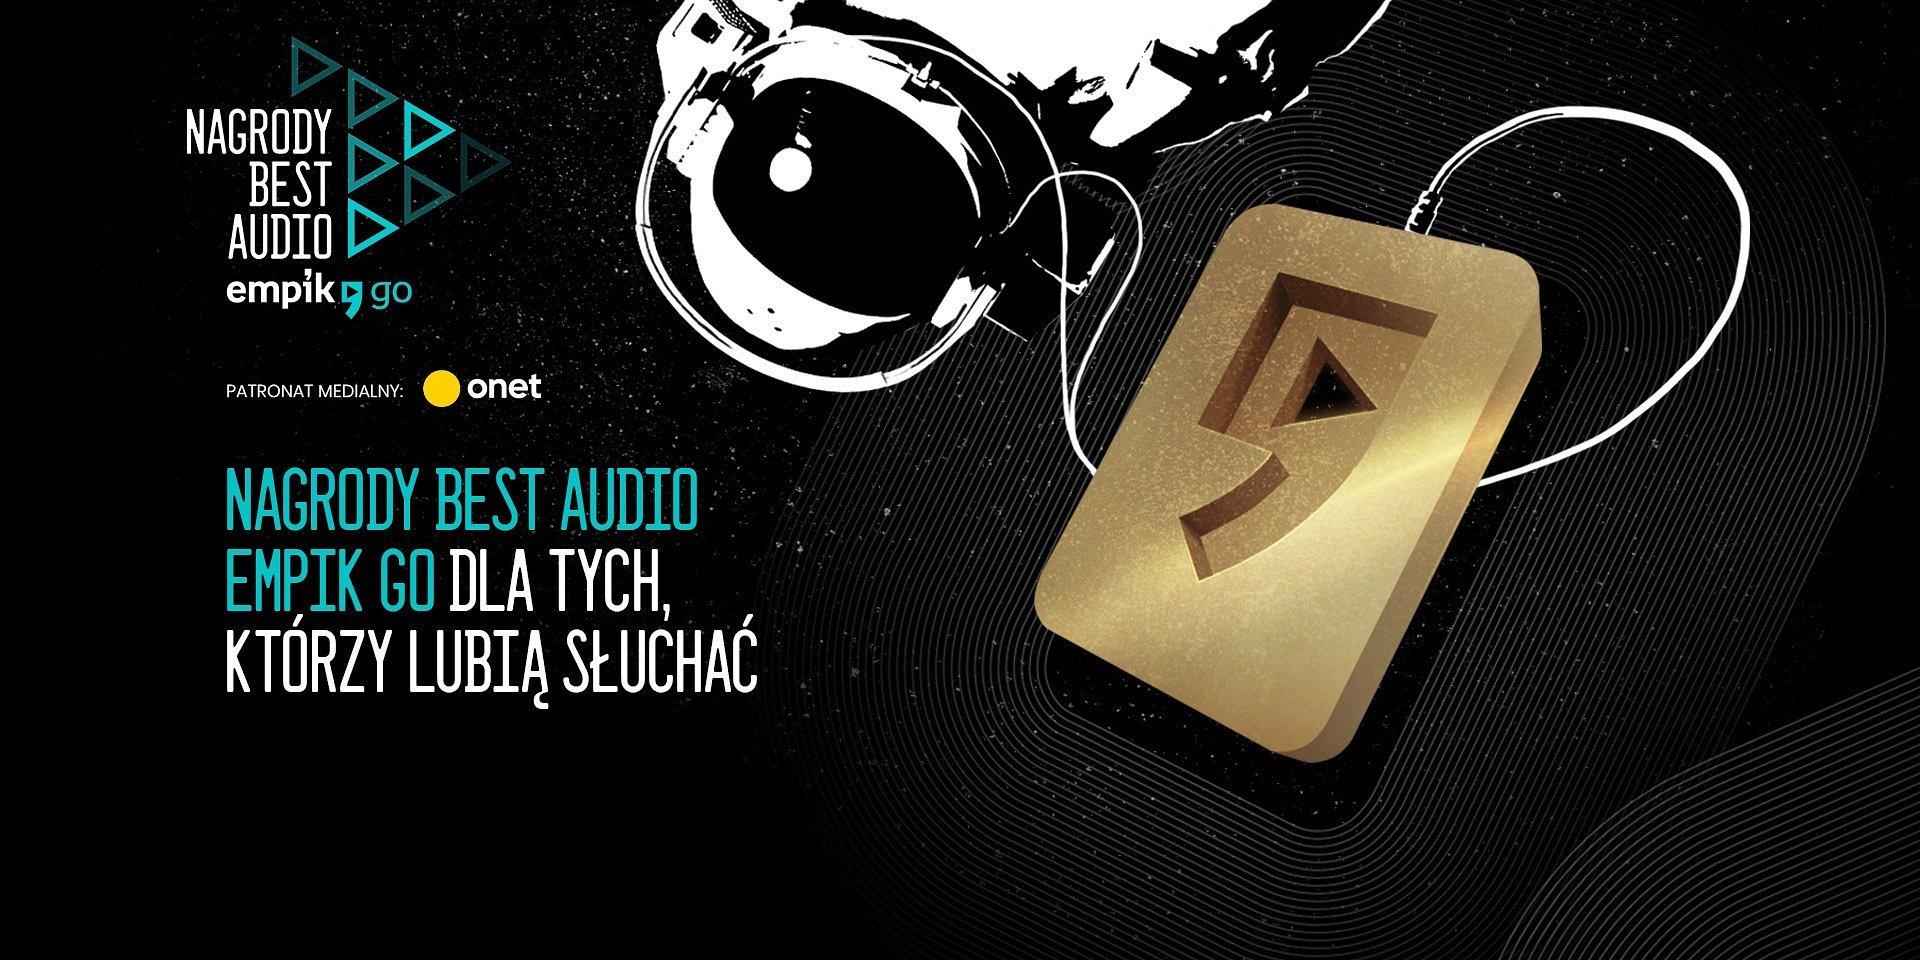 Nagrody BEST AUDIO Empik Go, dla tych którzy lubią słuchać. Pierwsza nagroda na rynku, która wyróżni twórców branży audio